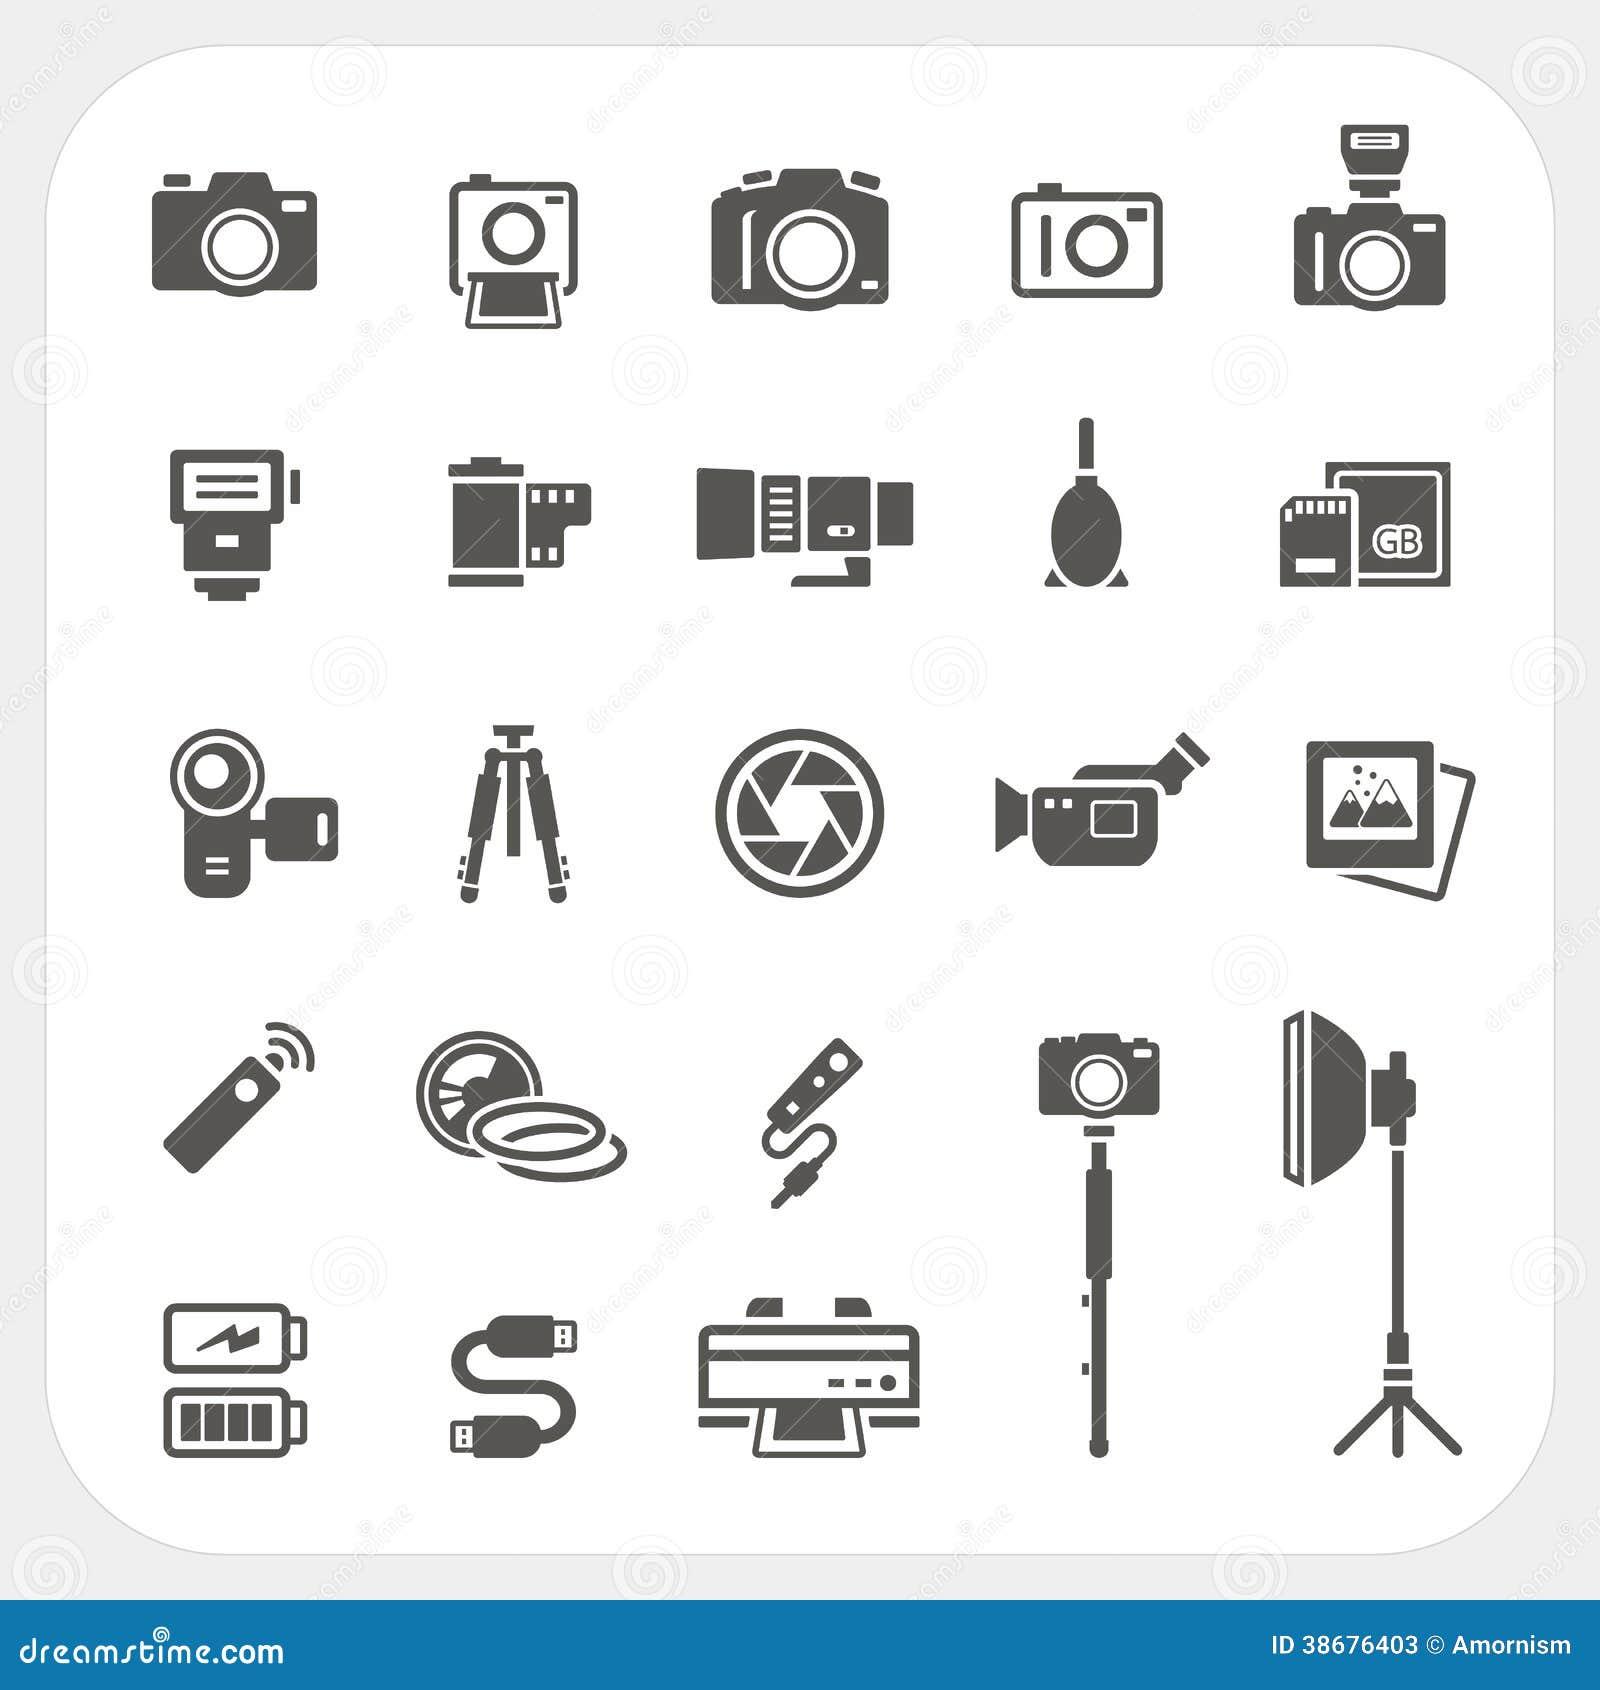 Kamerasymbols- och för kameratillbehörsymboler uppsättning